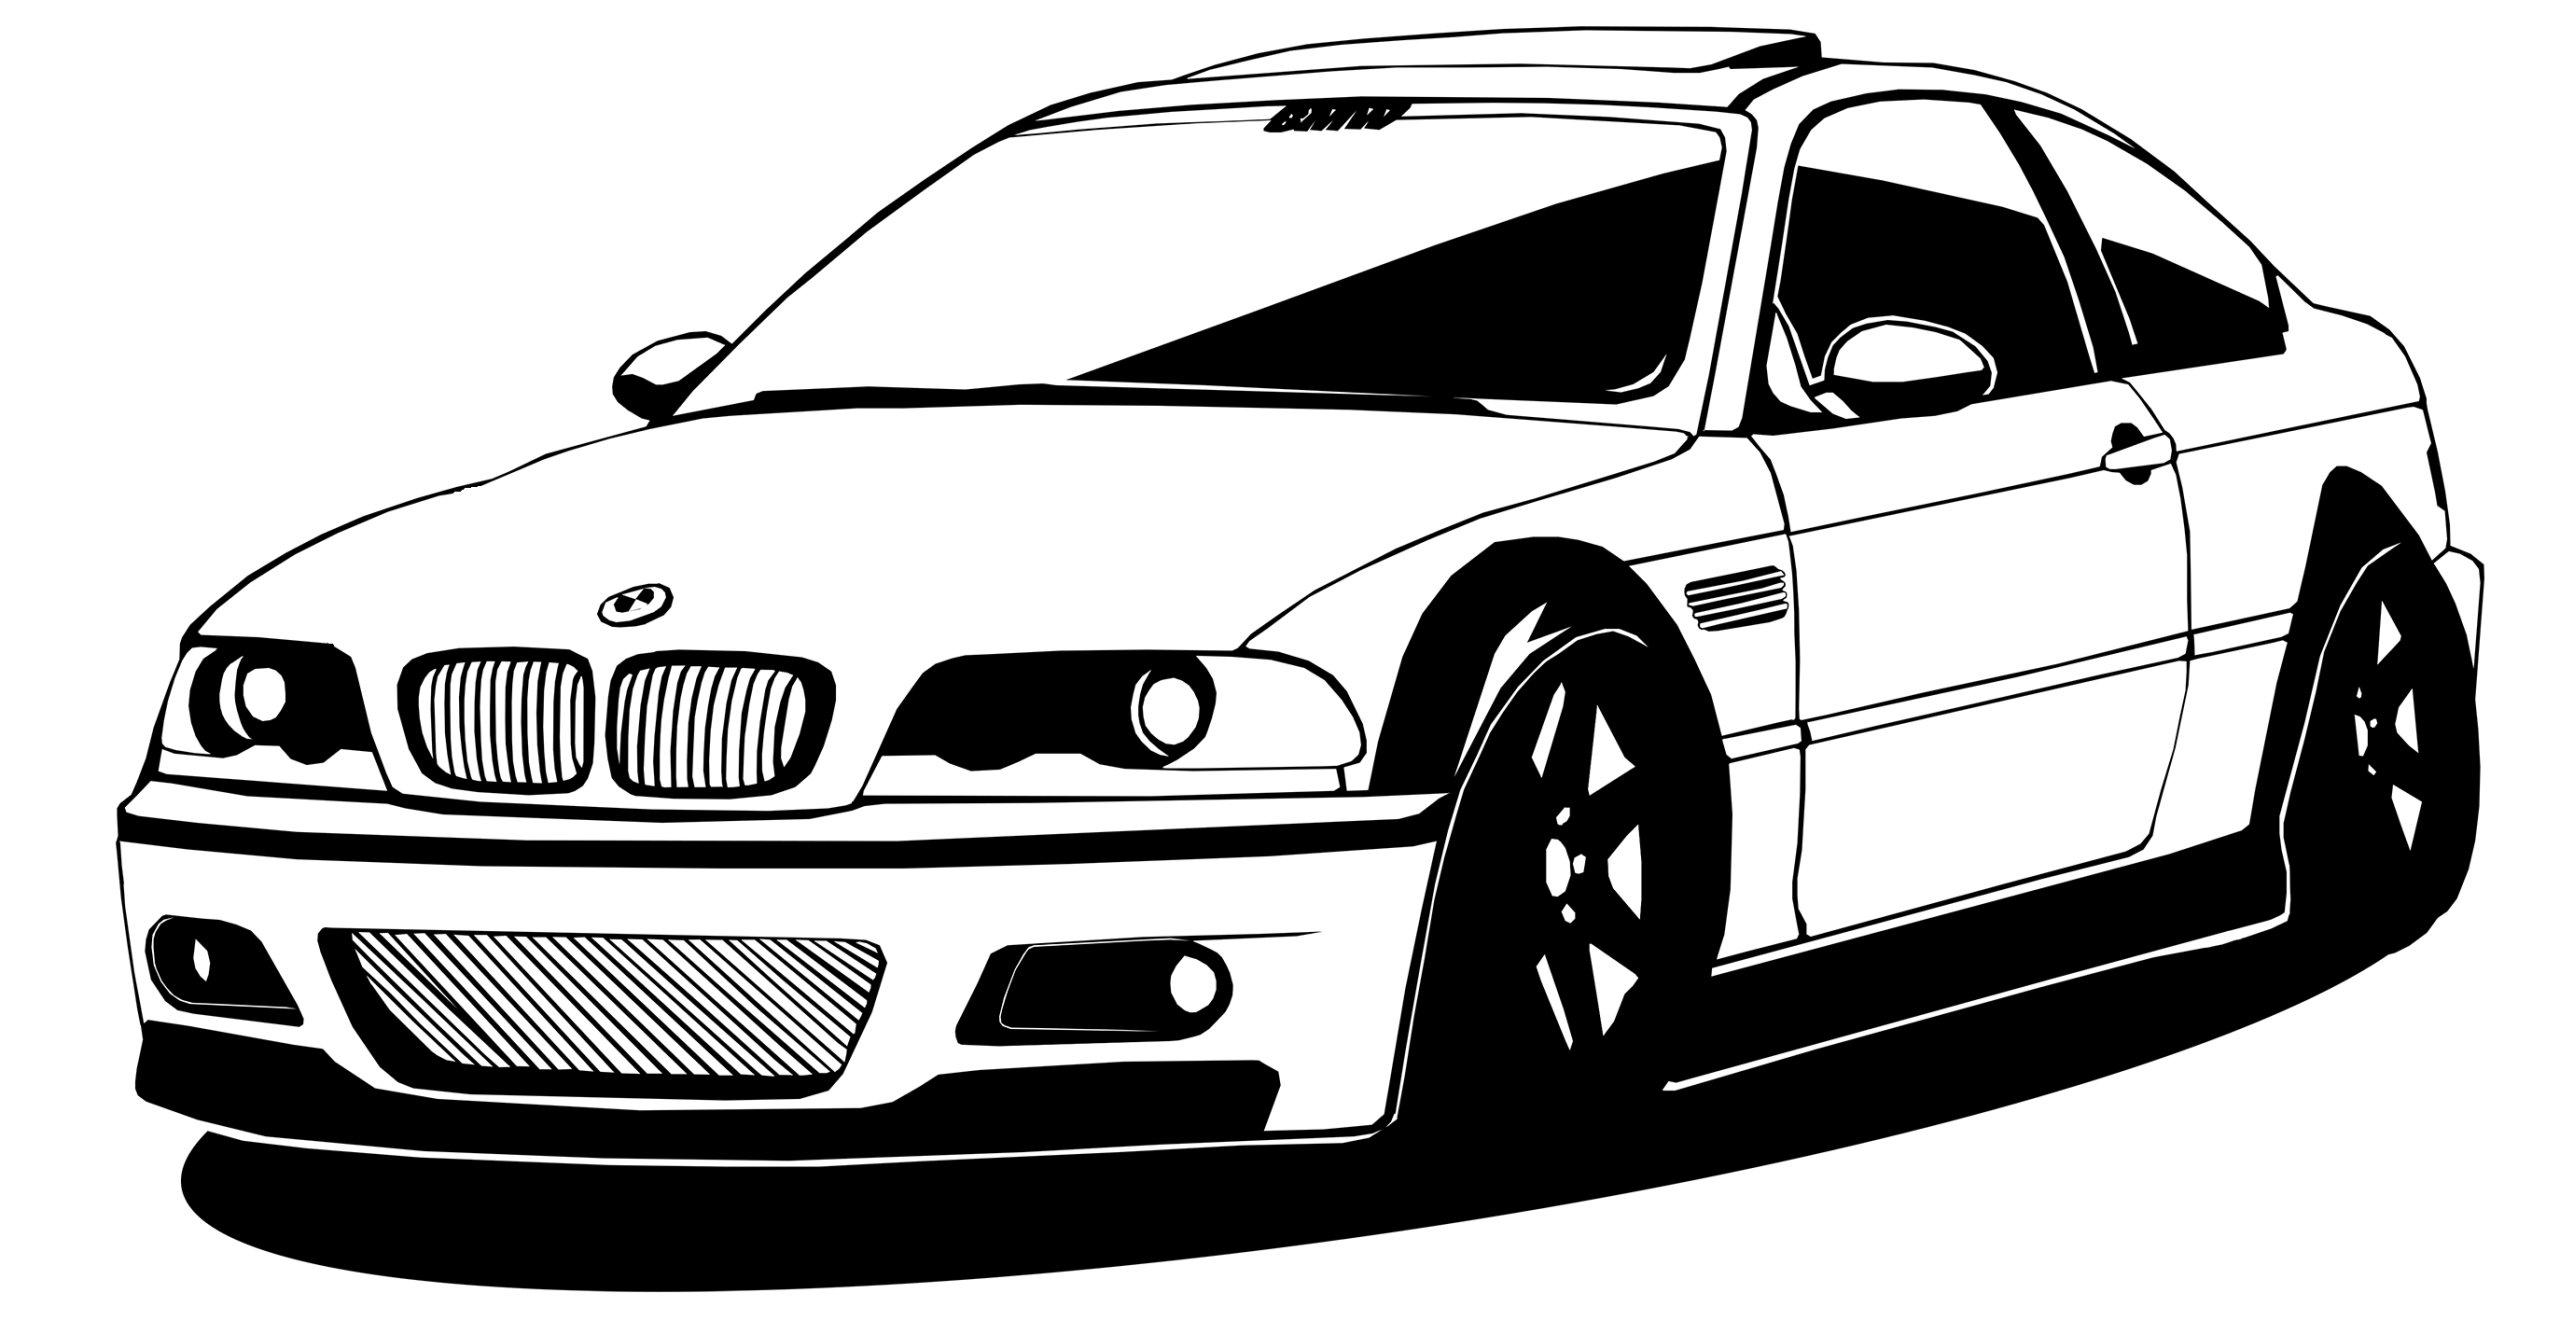 STENY ODTLAČKOVÝ BMW E46 NEMECKÉHO VINTAGE 50x100CM